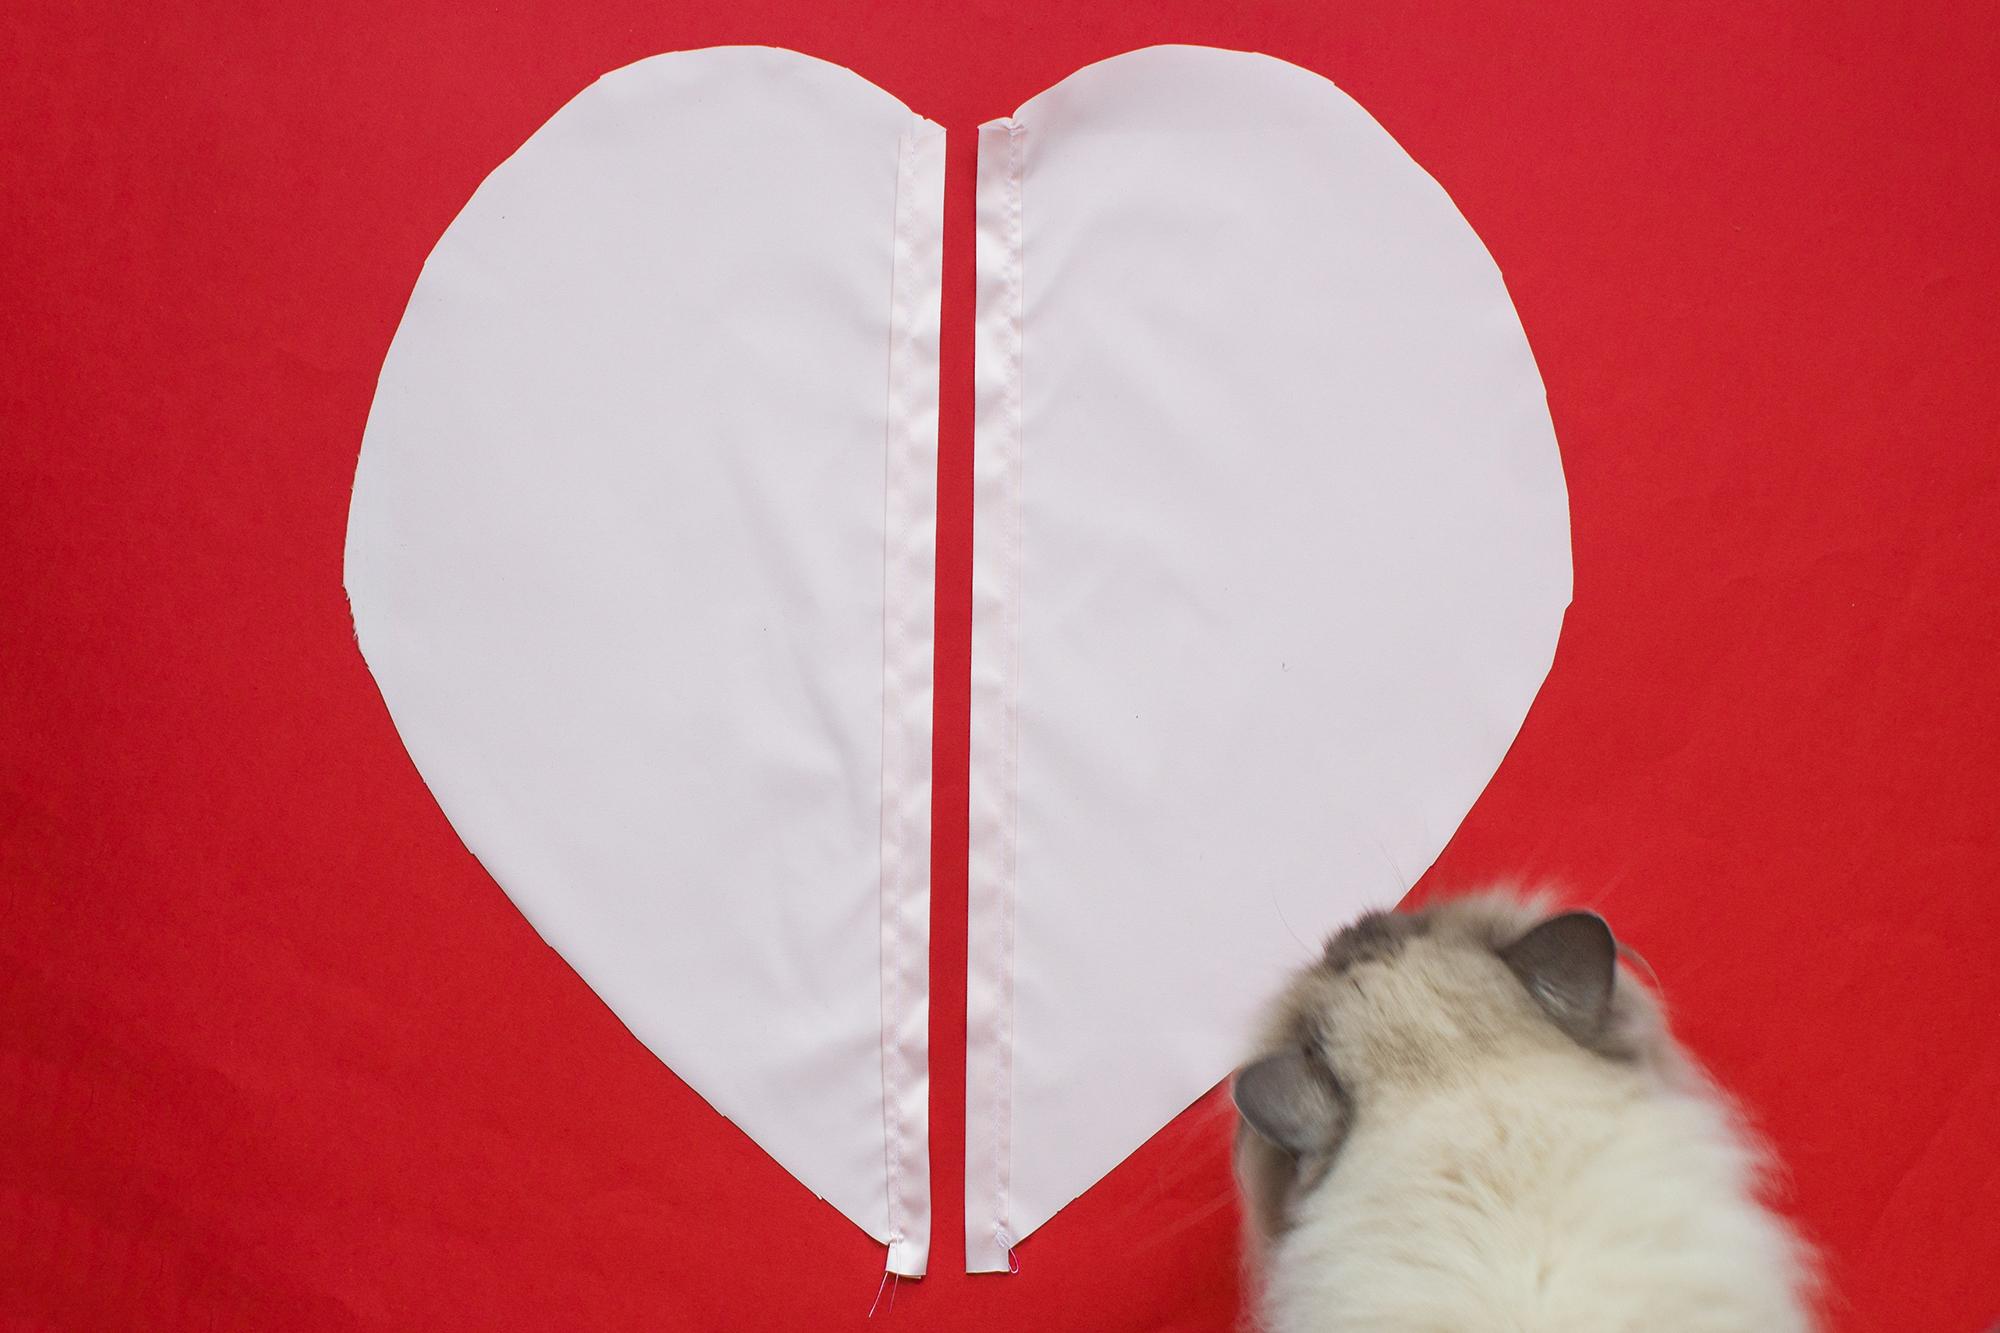 réaliser une housse de coussin en forme de coeur